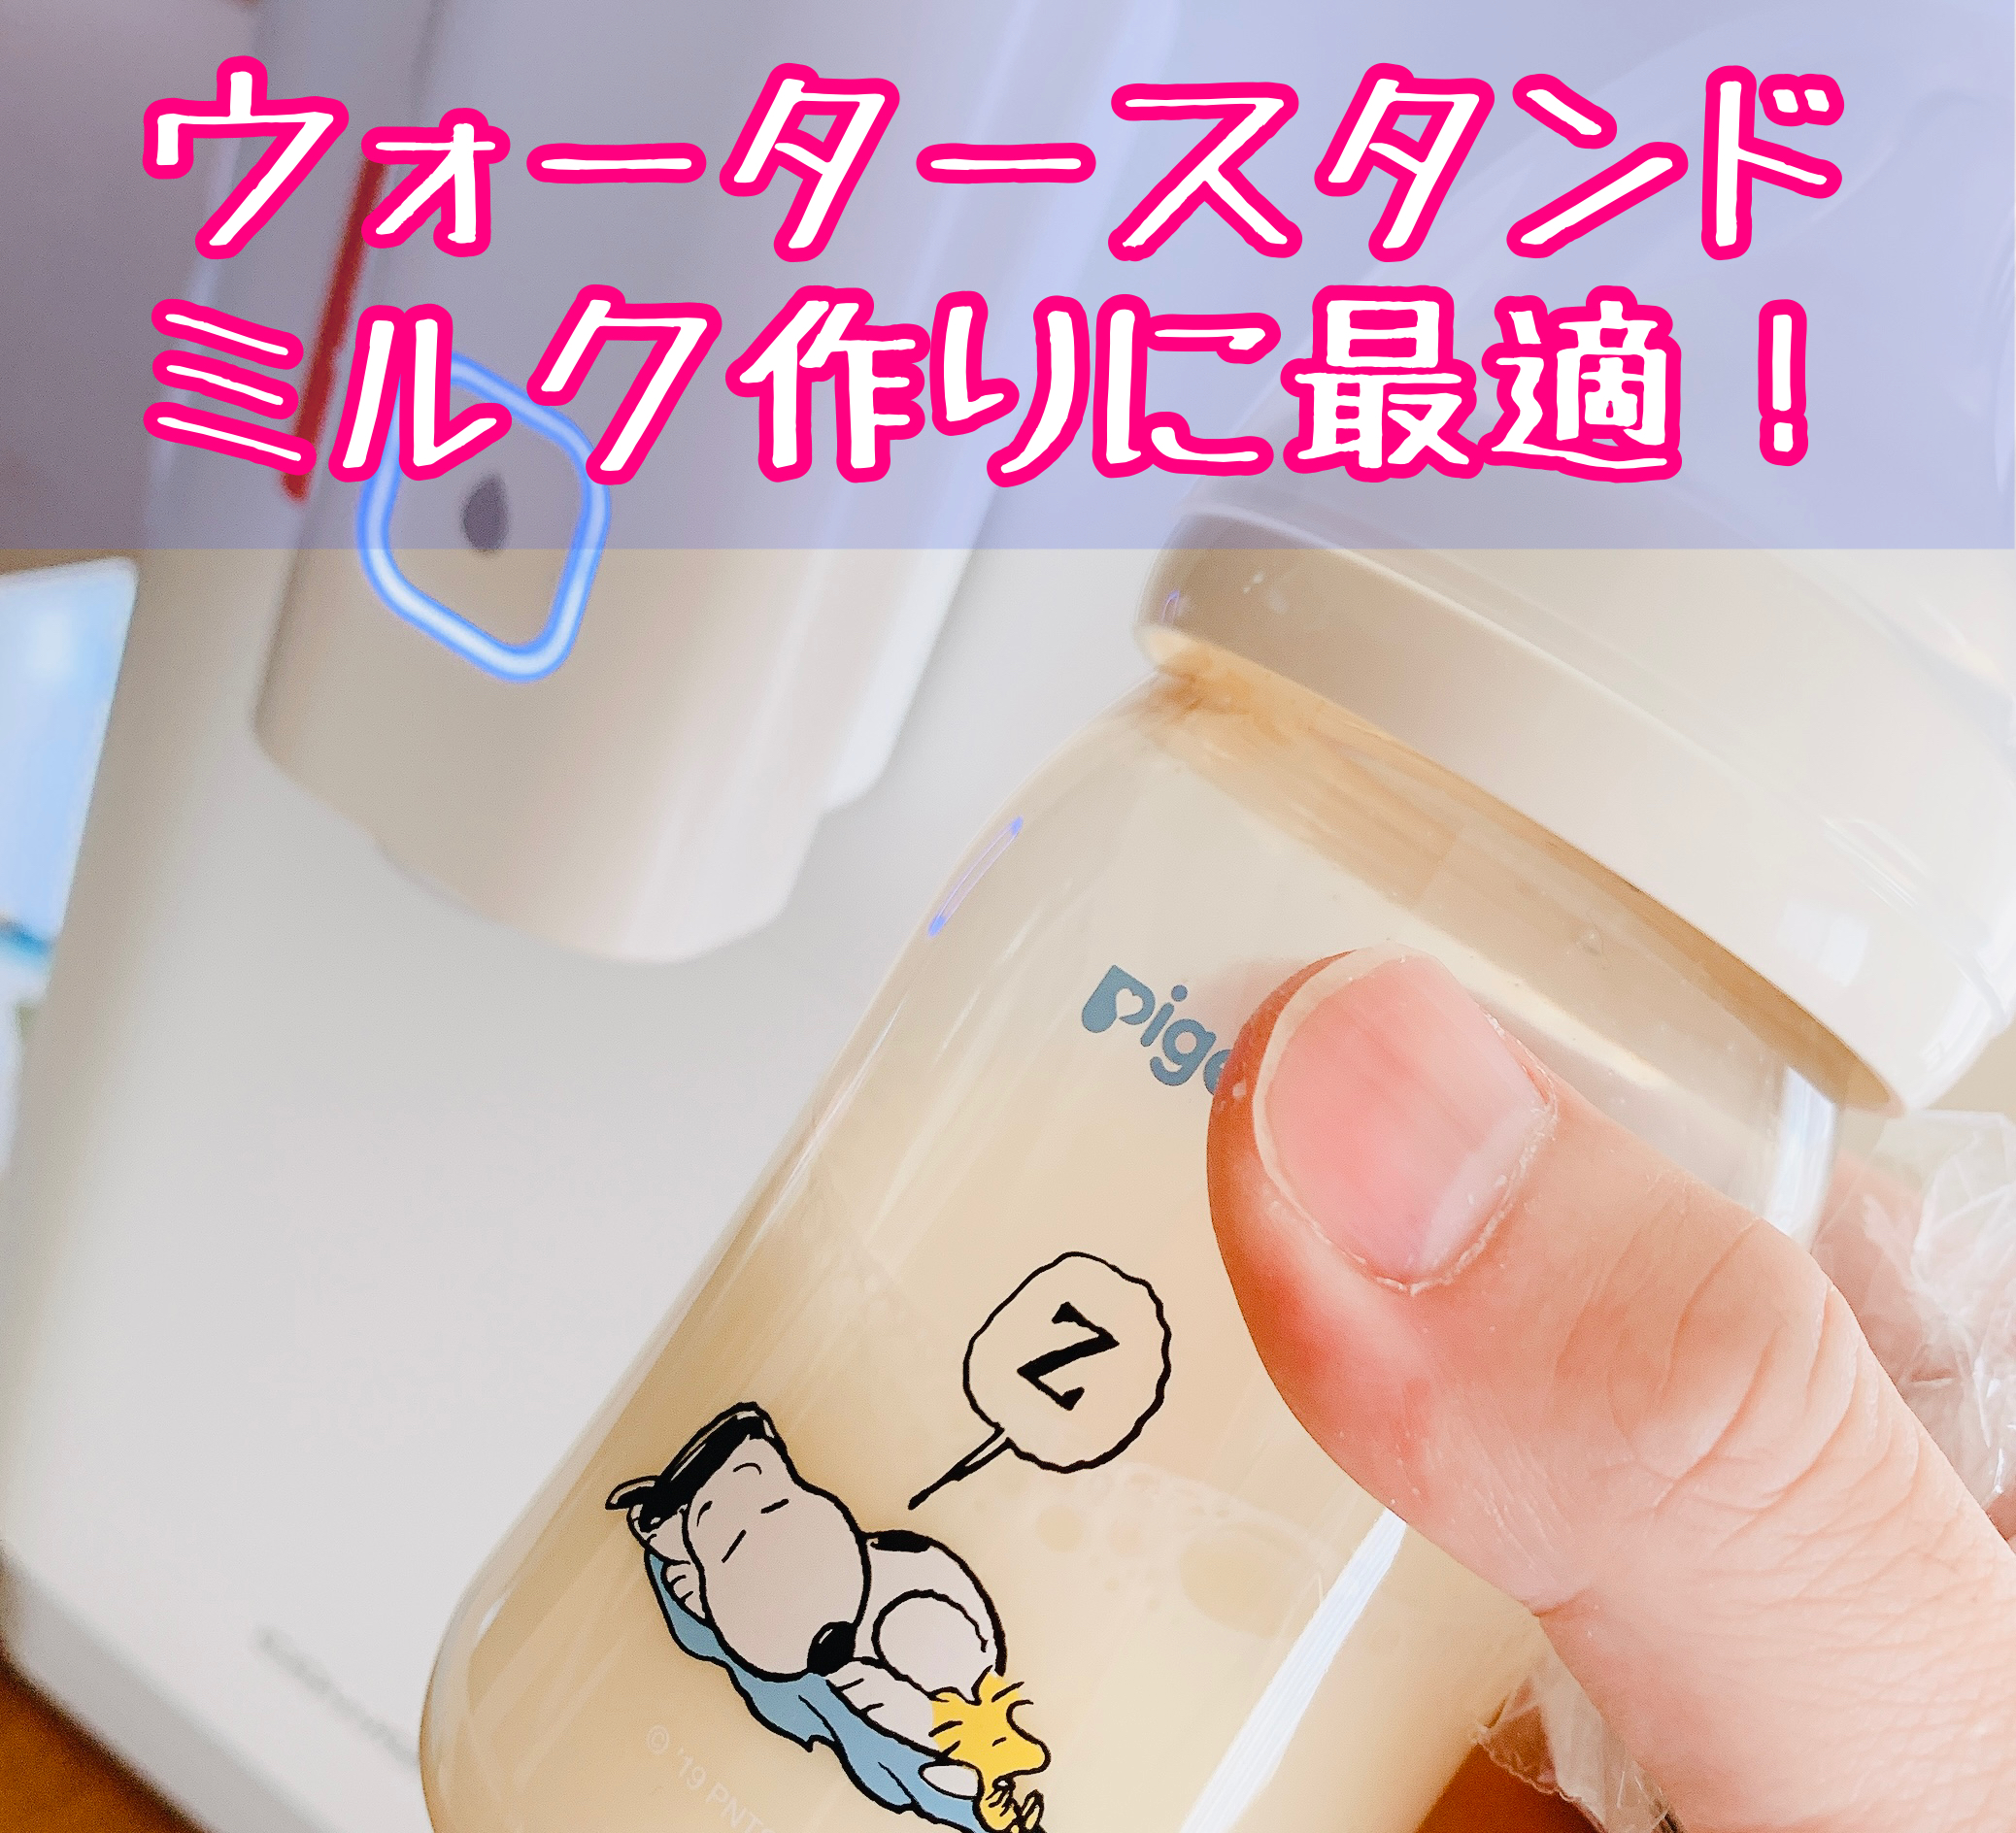 ウォータースタンドは赤ちゃんミルク作りに最適!おすすめ機種は?お水の種類や温度など徹底解説!